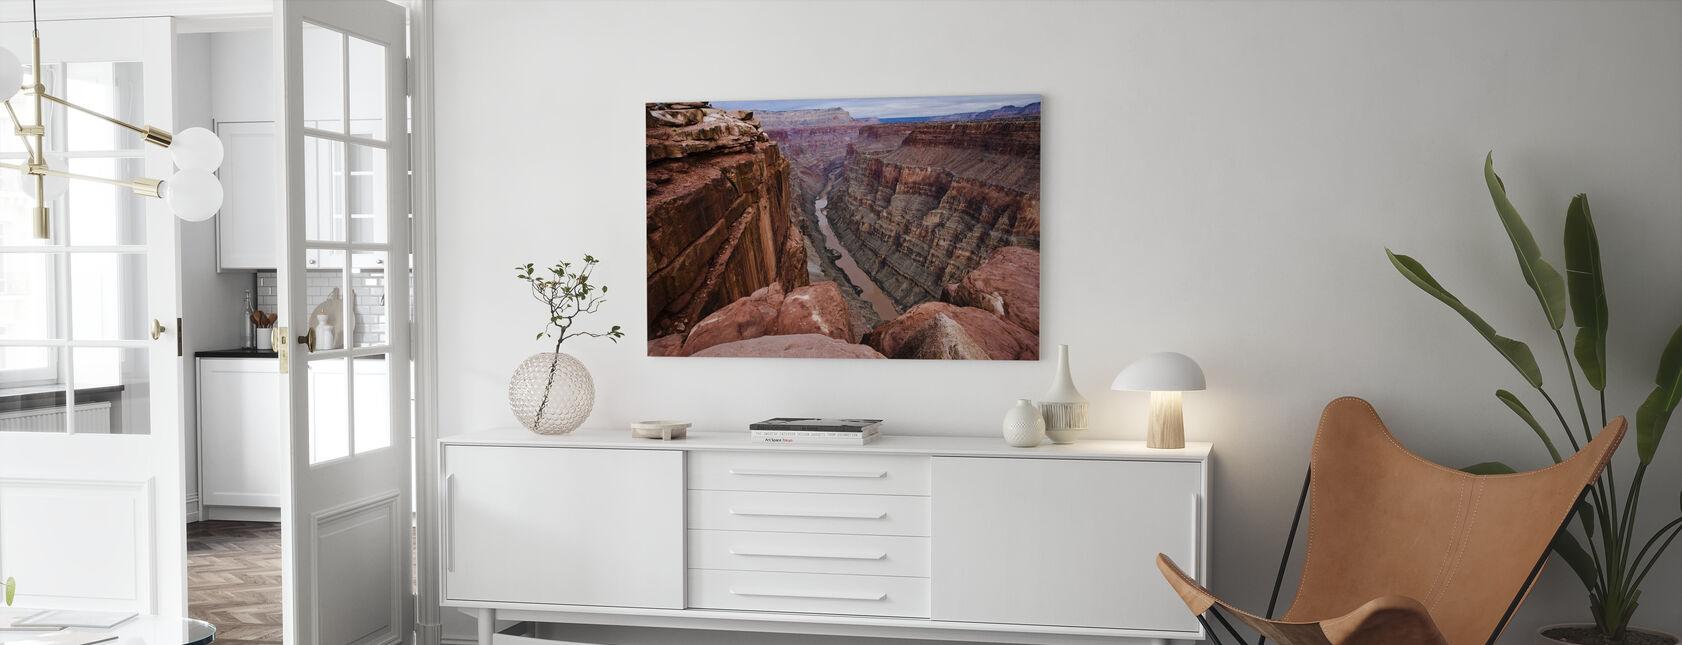 Hoog boven de rivier de Colorado - Canvas print - Woonkamer